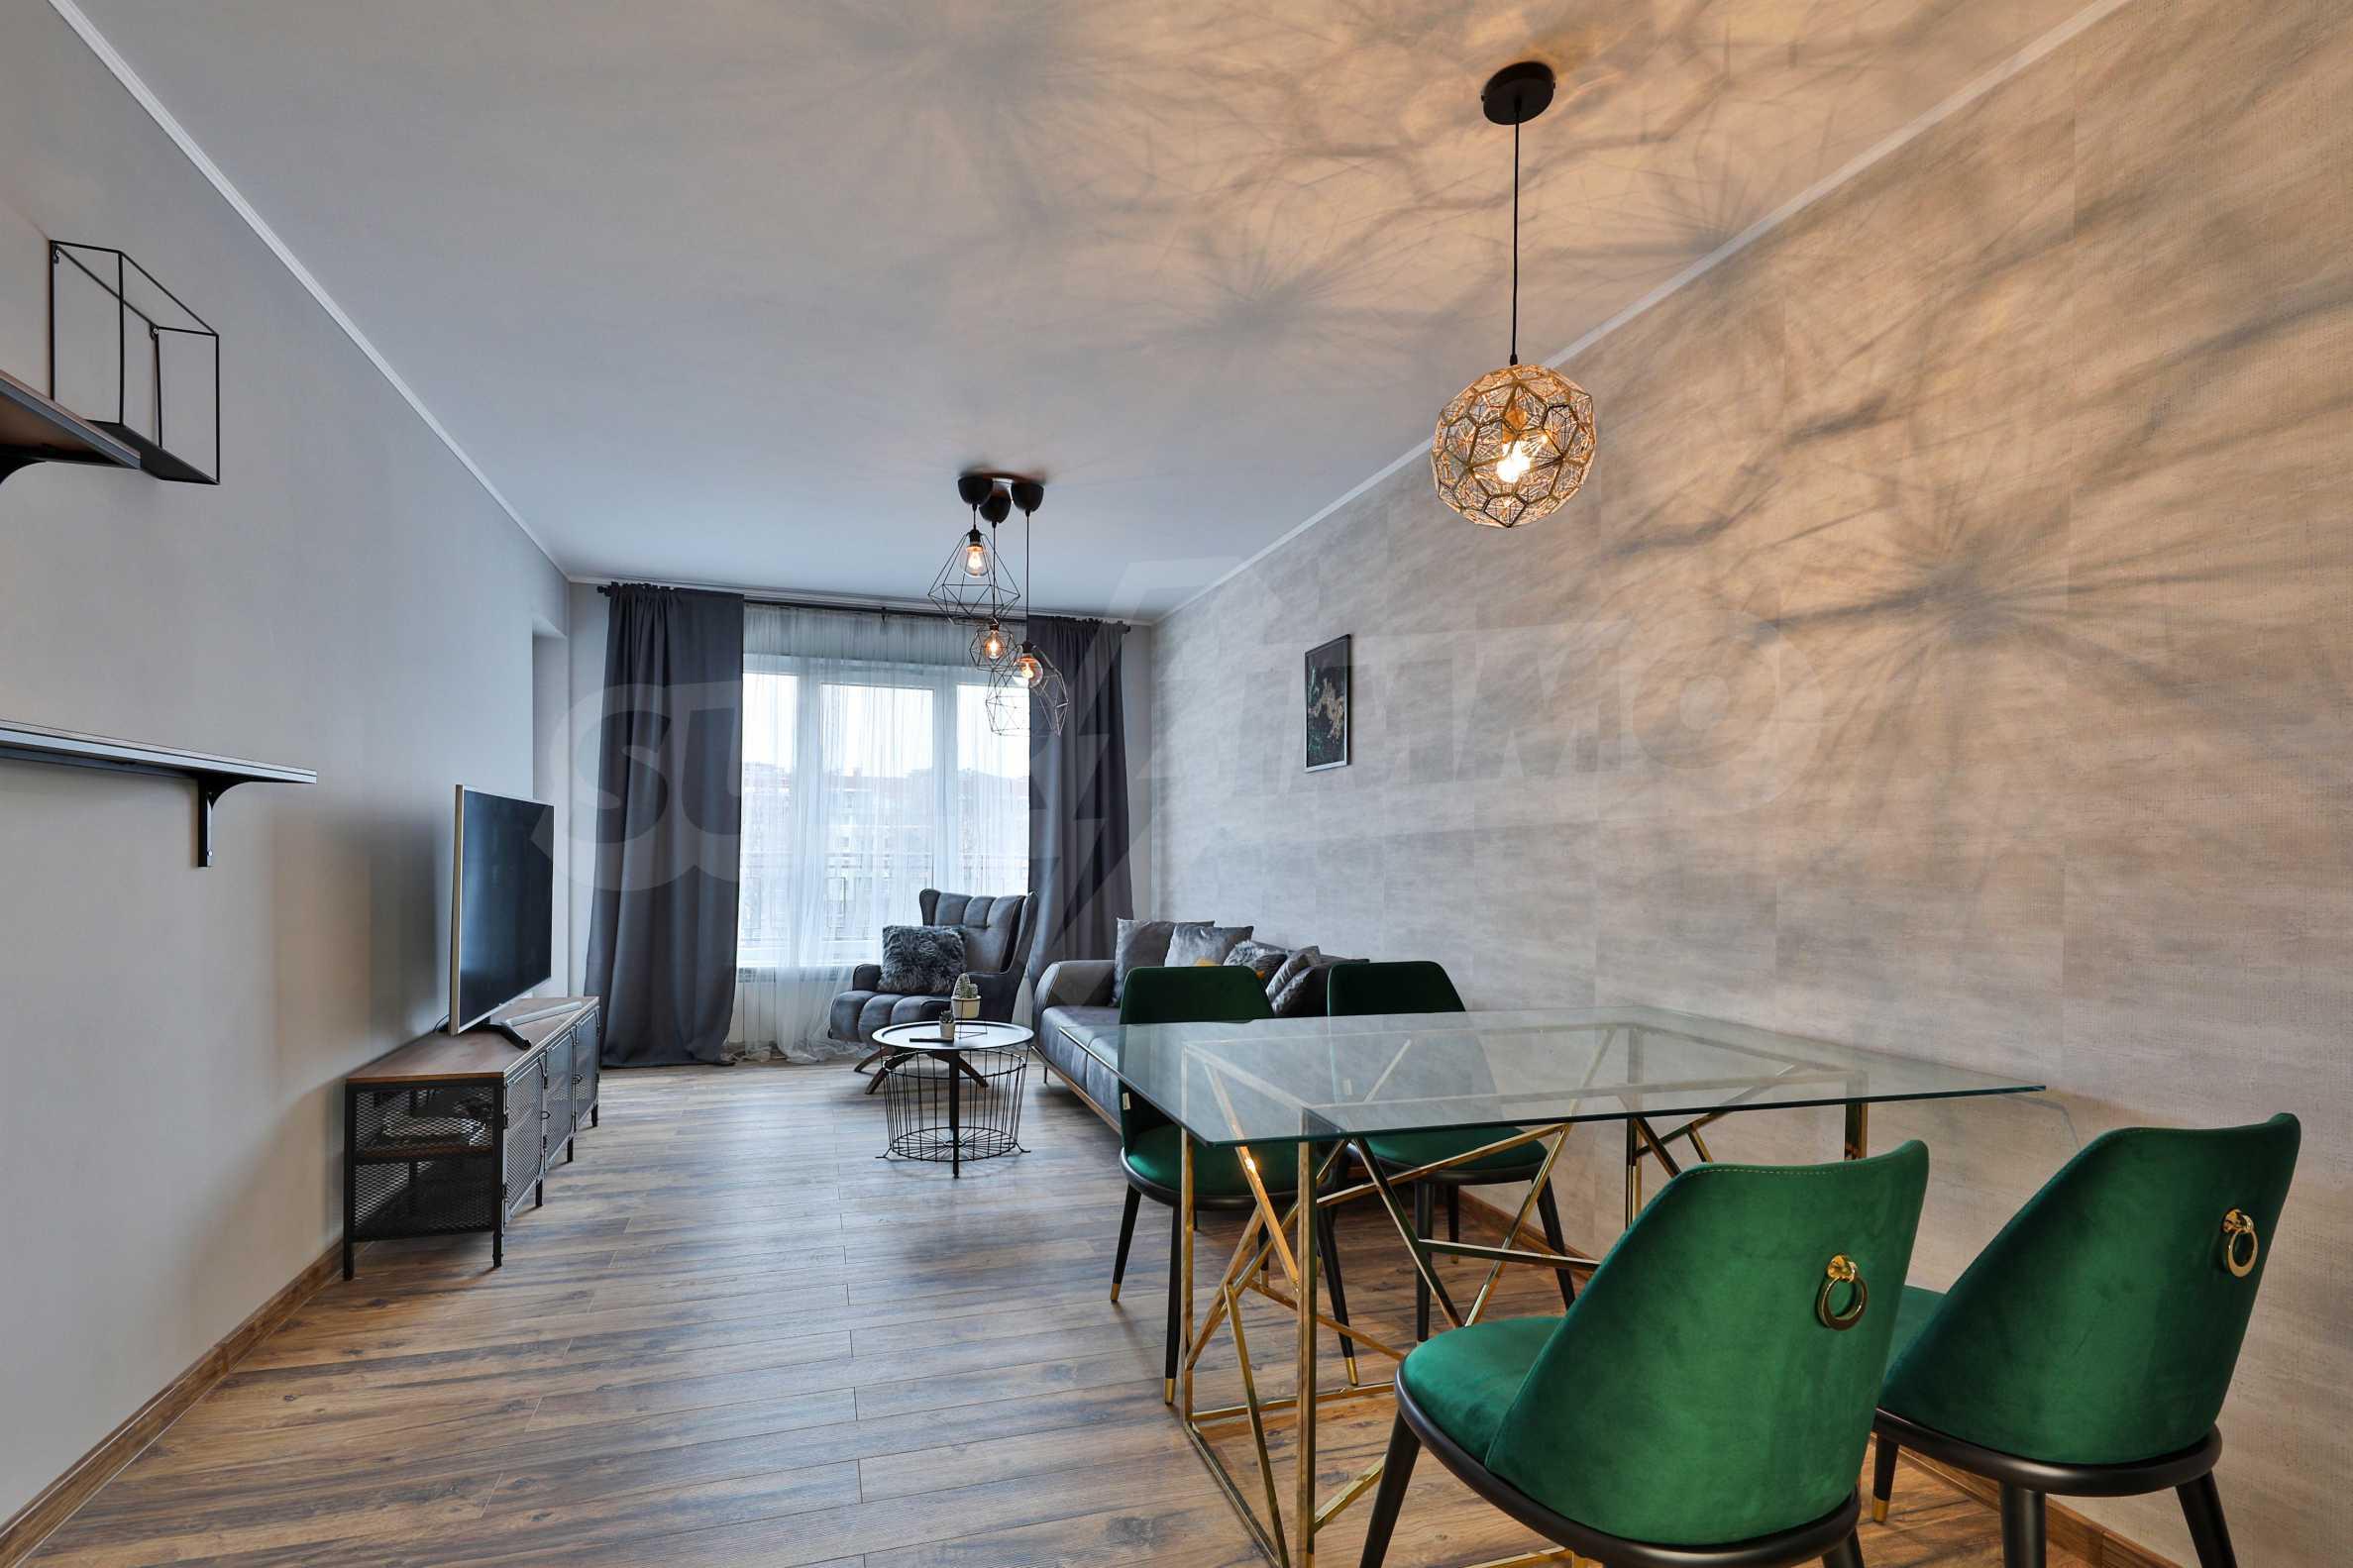 Нов, дизайнерски обзаведен двустаен апартамент с гараж в Центъра до метростанция и парк 2